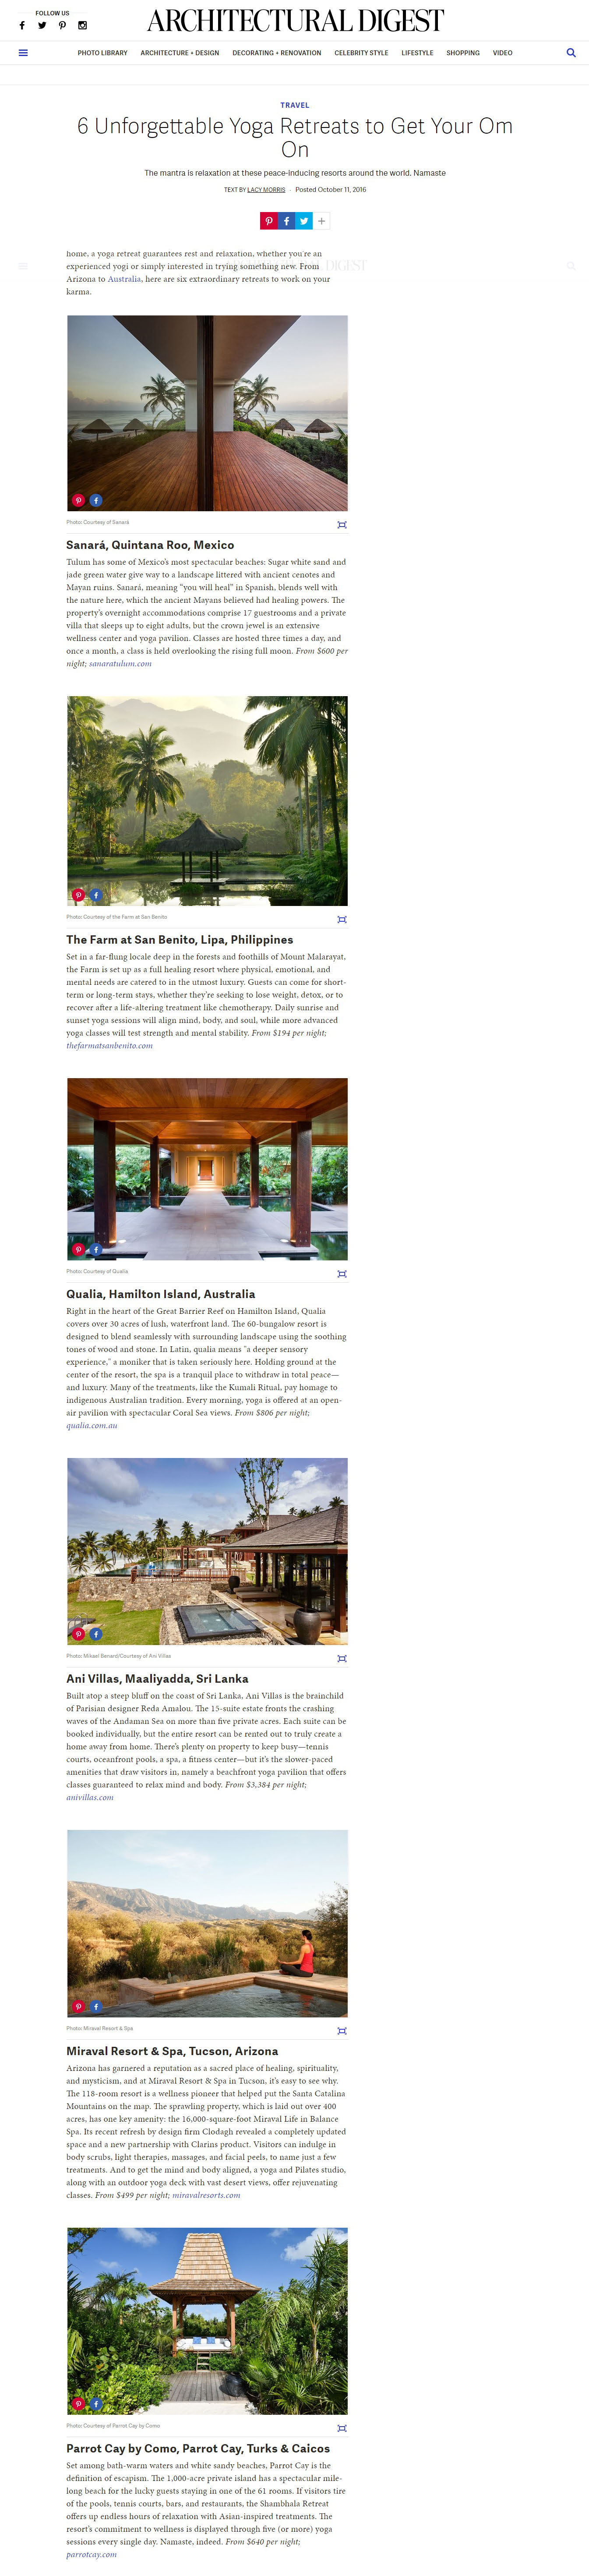 2016.10.11.ArchitecturalDigest_Page_1_Image_0001.jpg